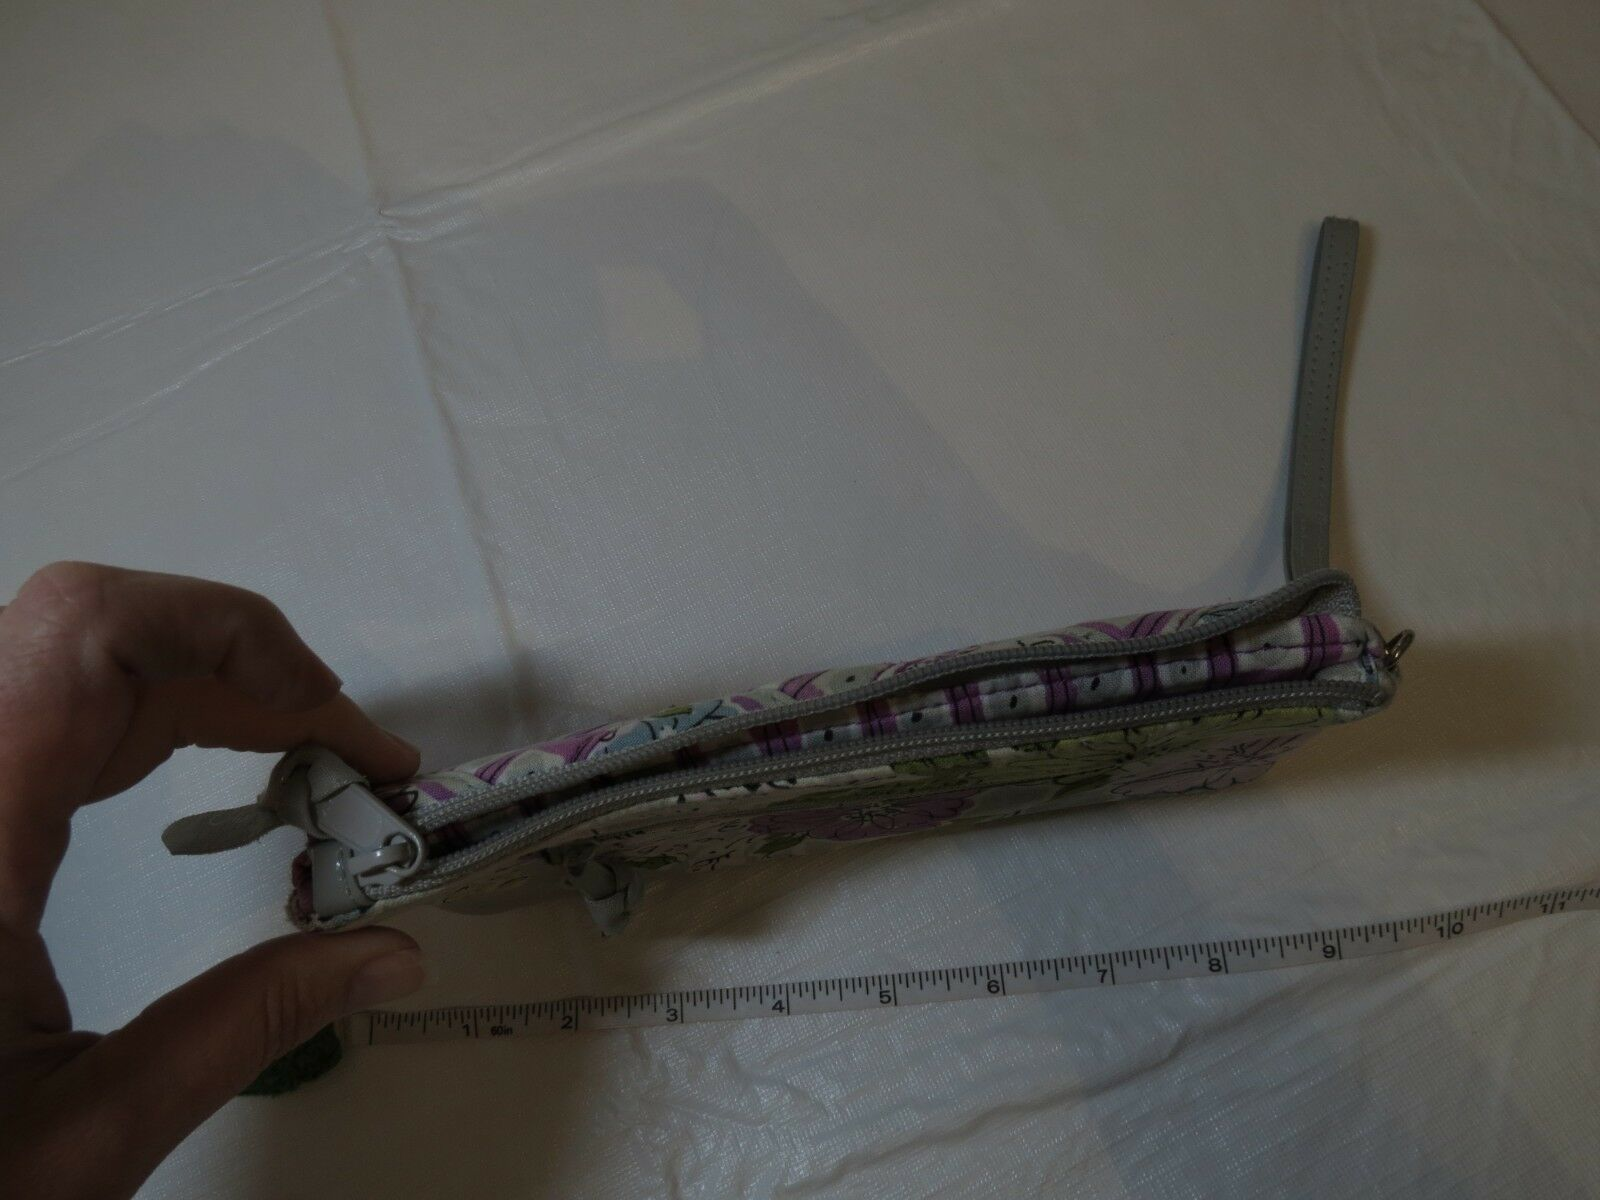 Vera Bradley Cinturino Watercolor Portafoglio Viola Grigio Organizer Cambio Id image 9